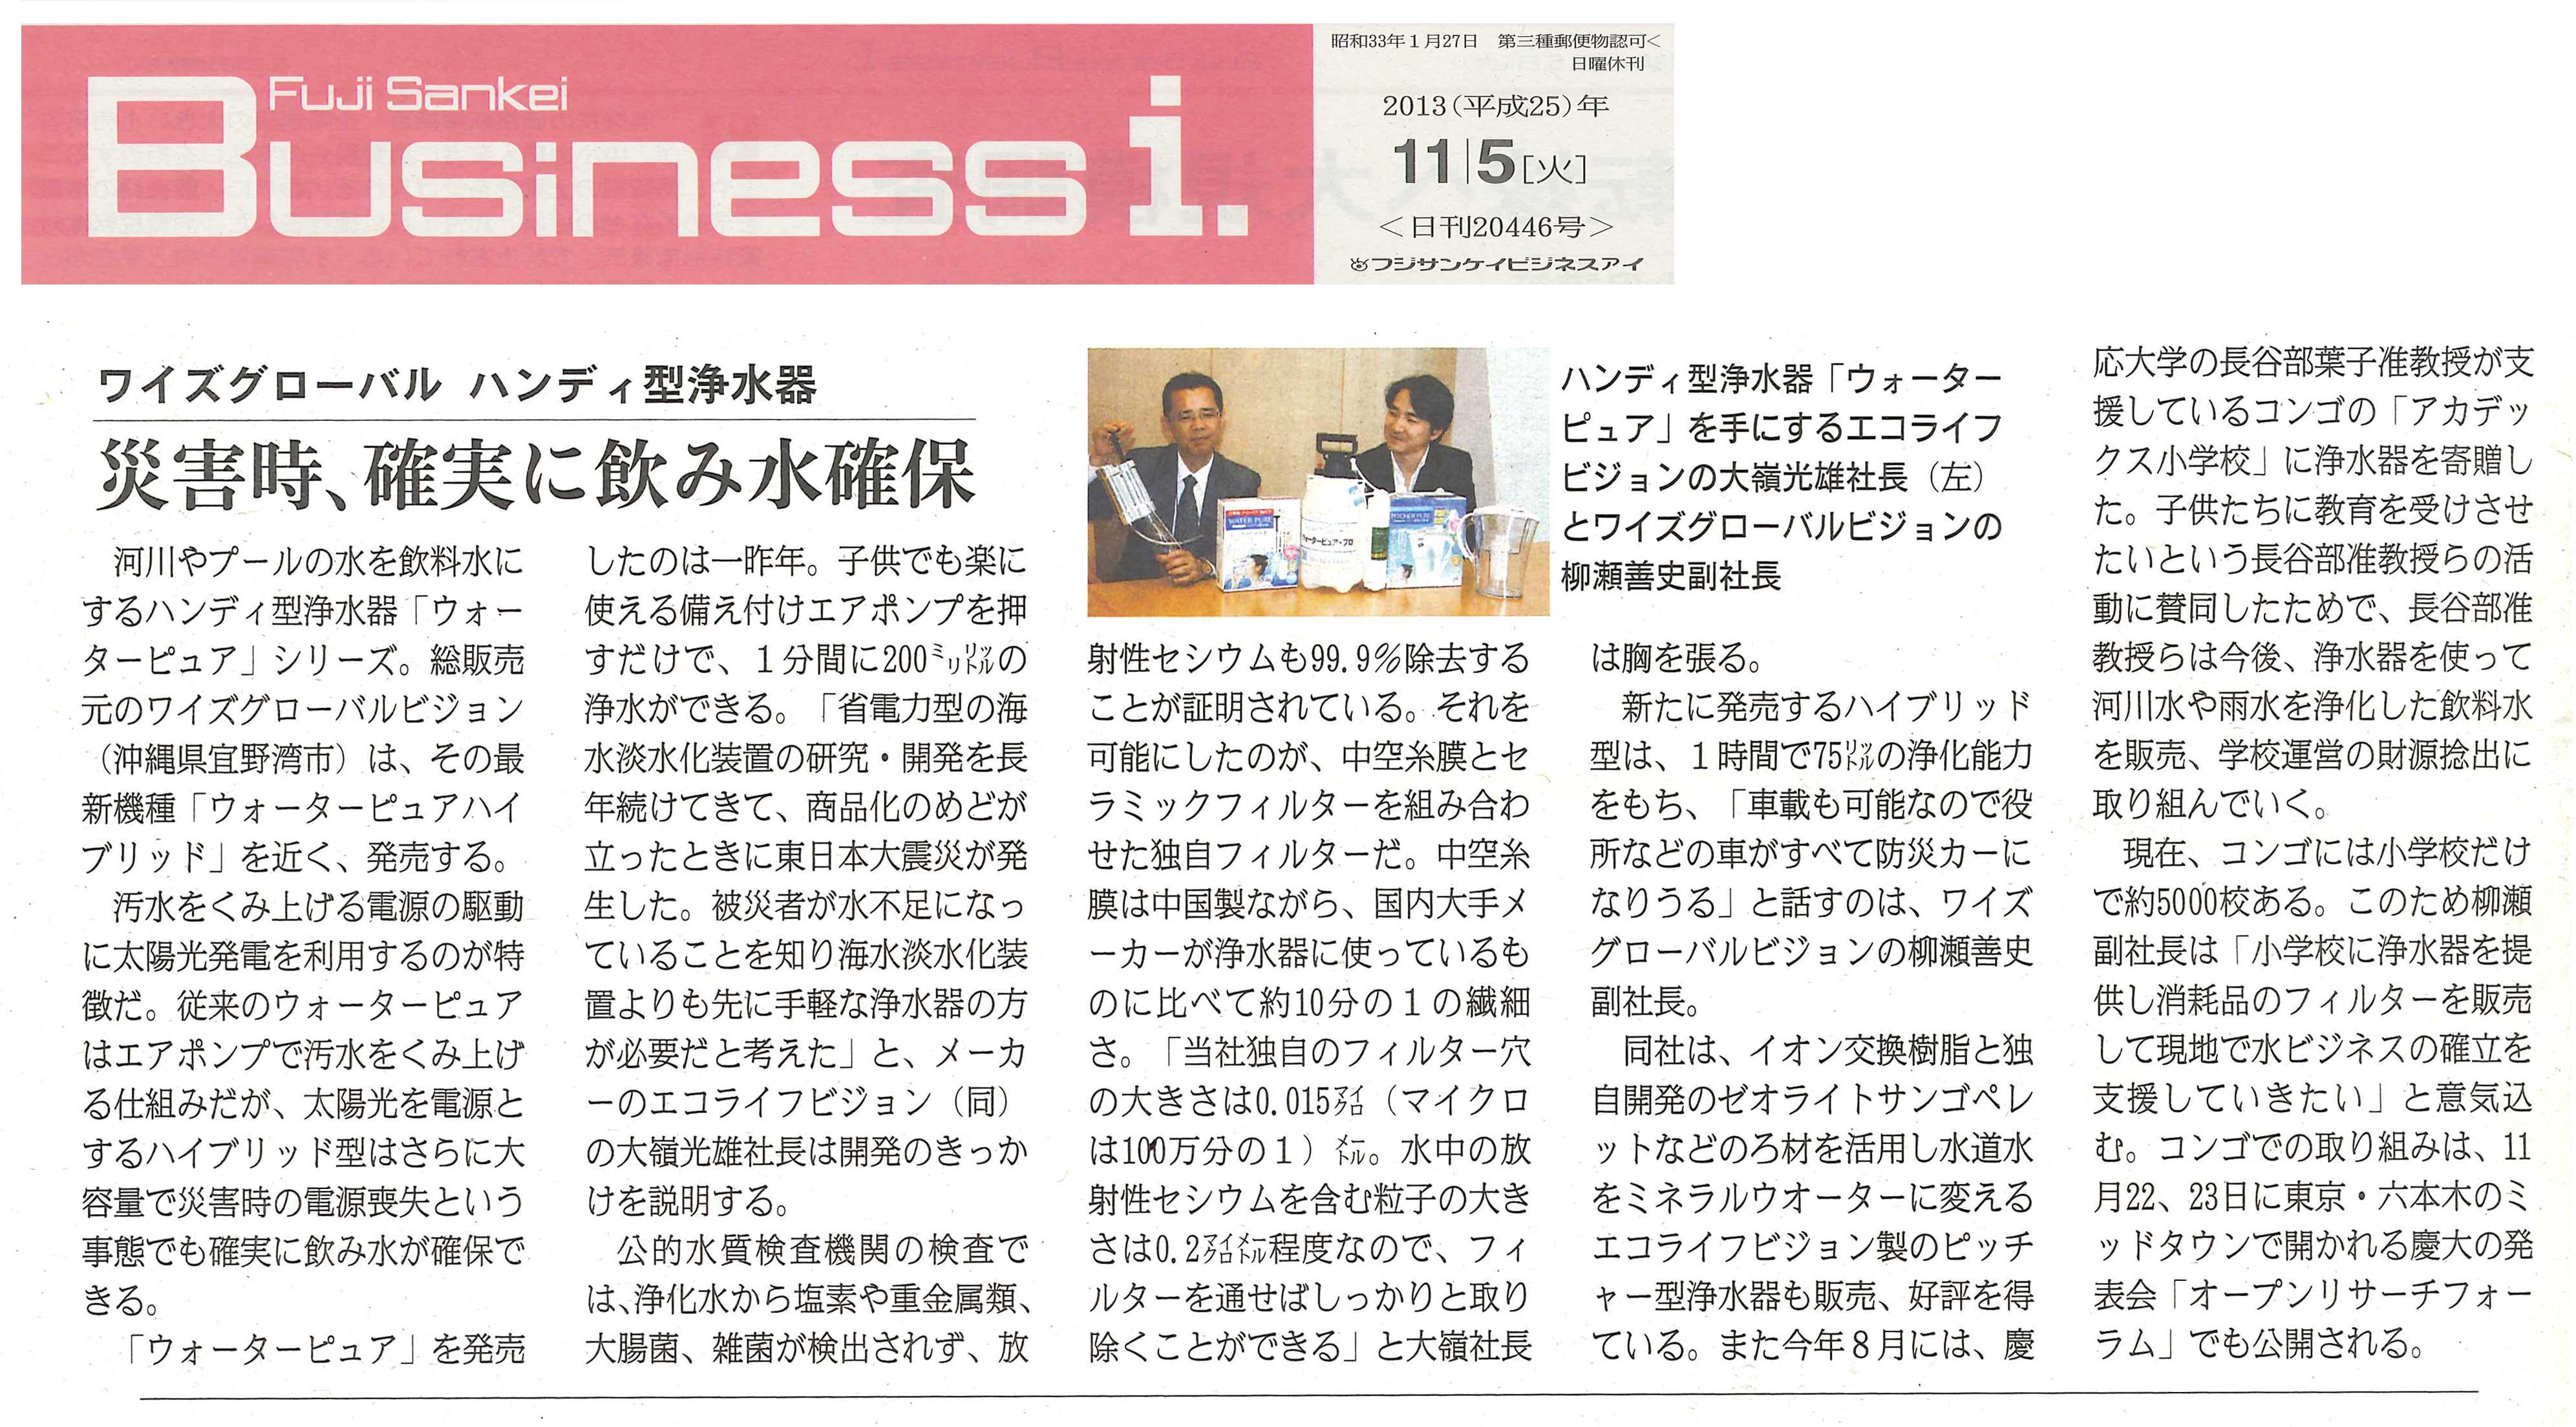 産経ビジネス記事115